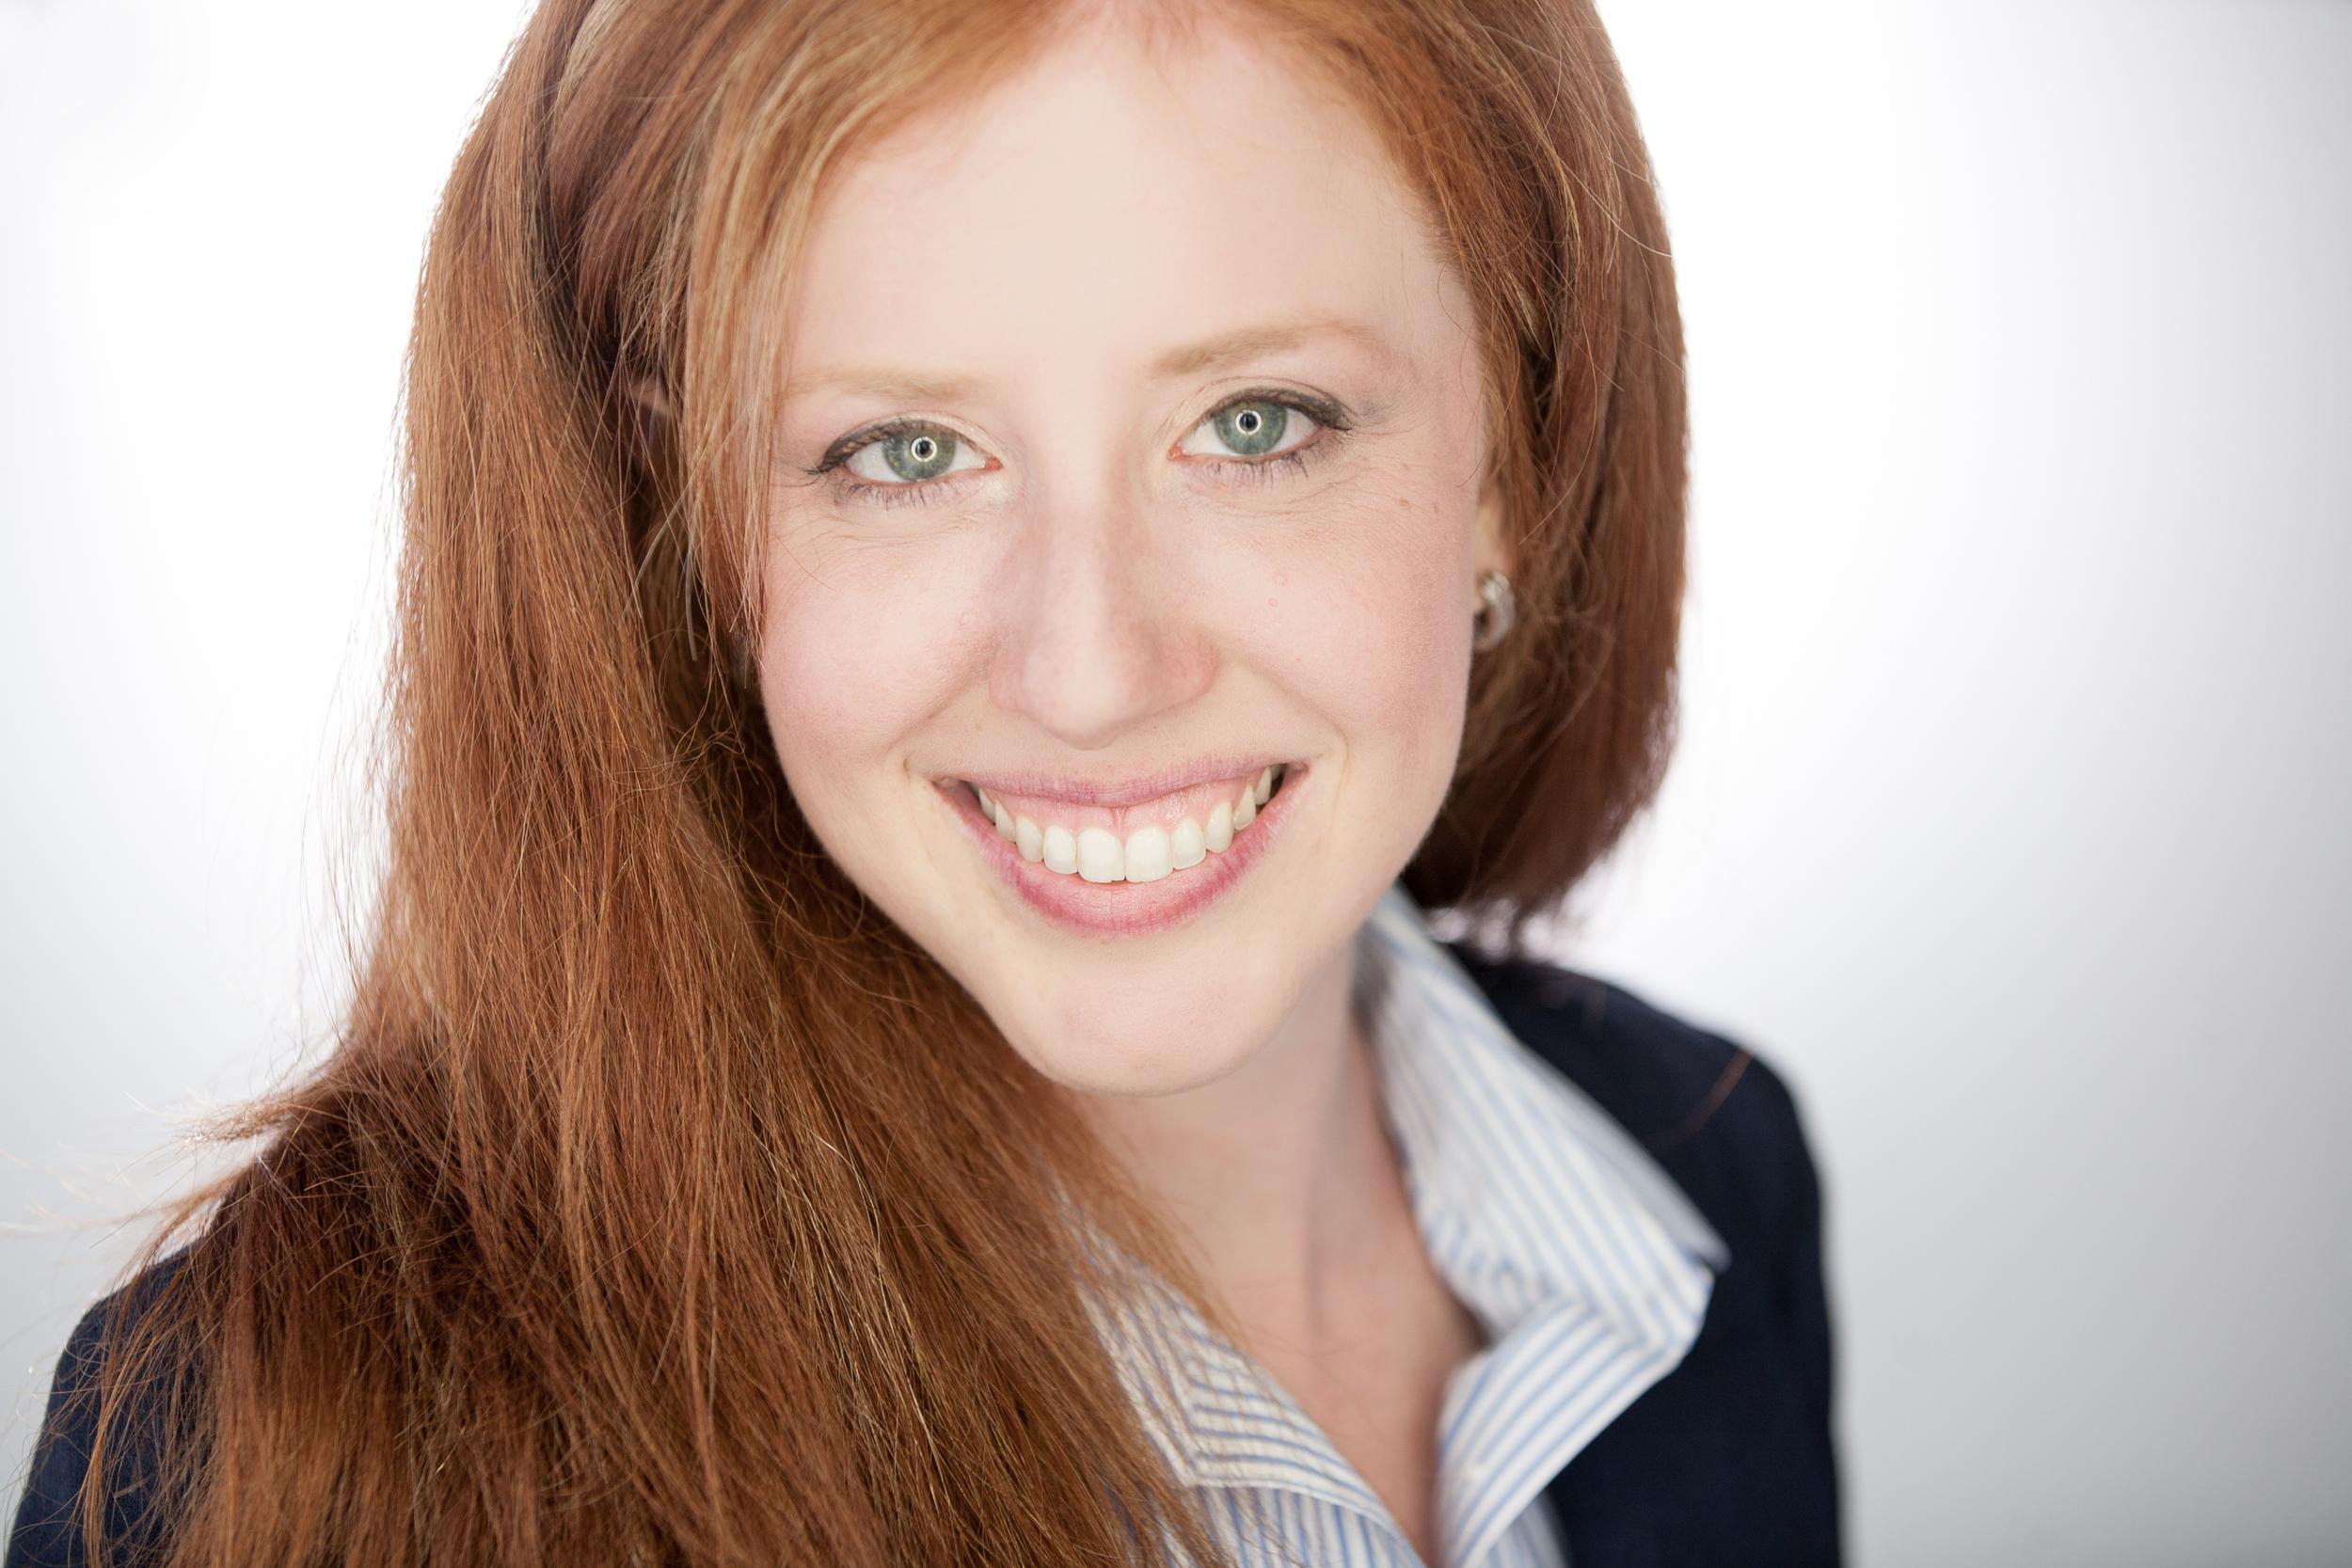 Lindsey A. Saul